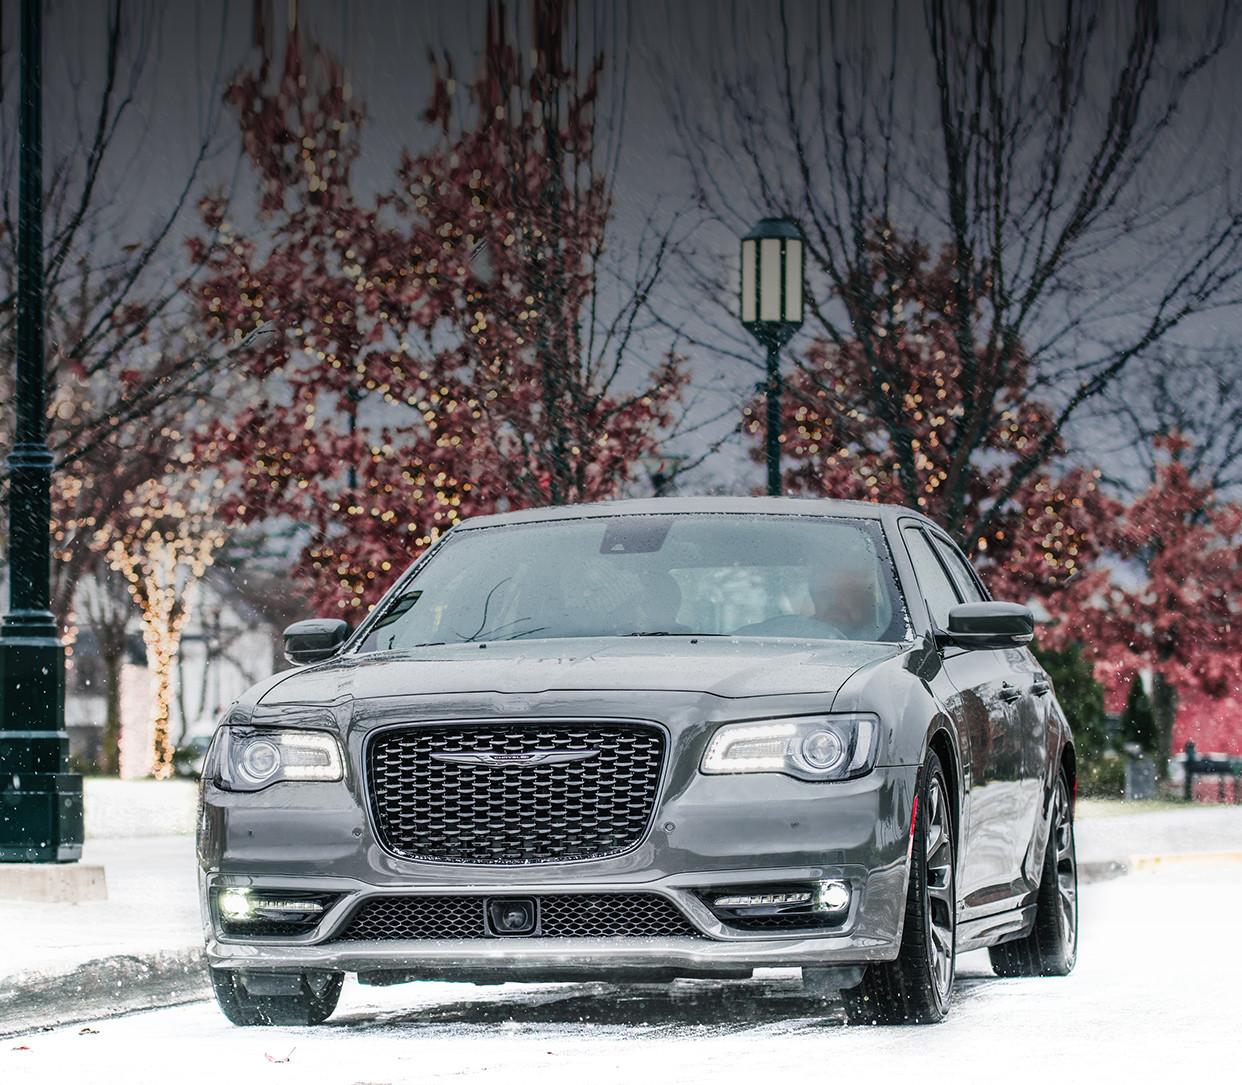 2019 Chrysler 300 Luxury Sedan